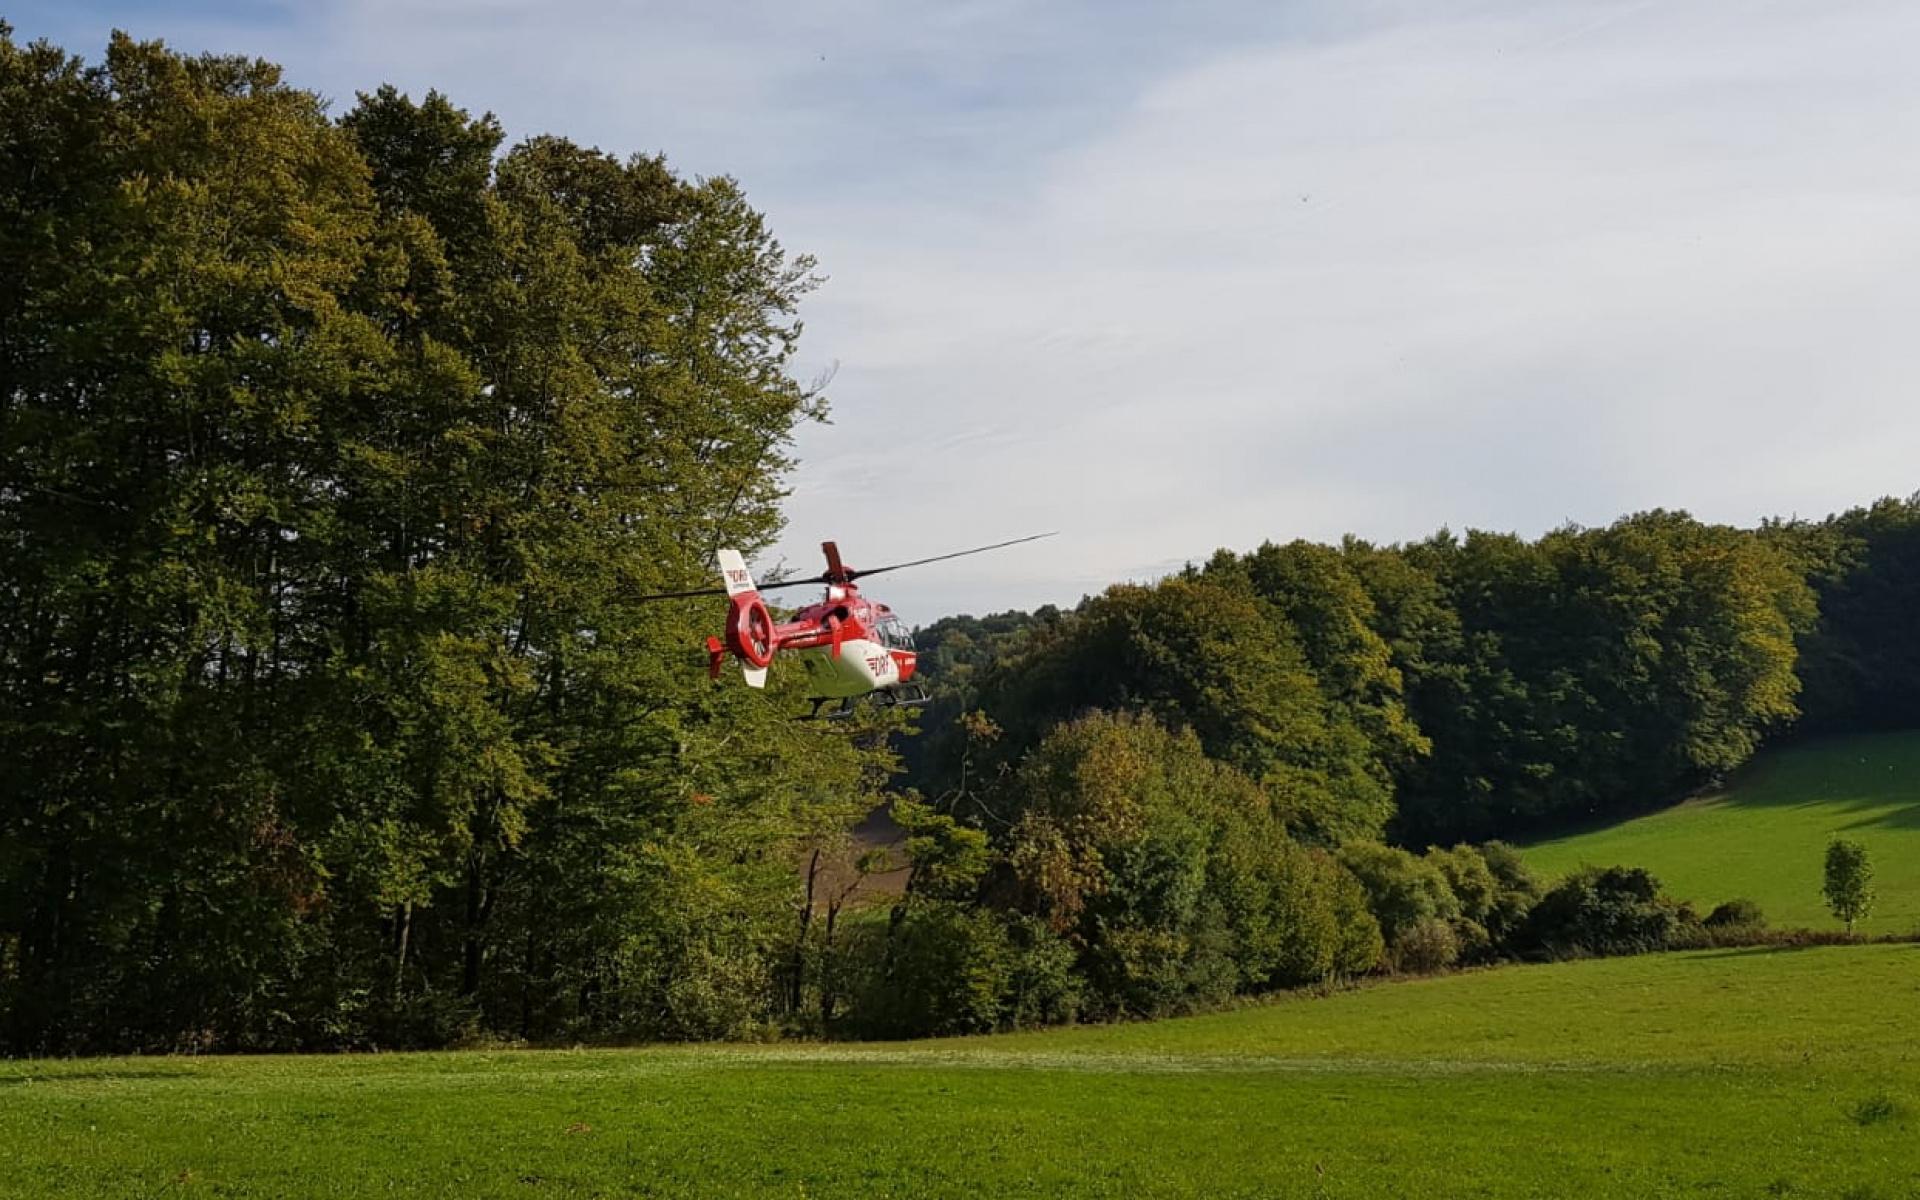 Wenig später war Christoph 80 in der Luft und auf dem Weg in eine Klinik. Foto: Bergwacht Amberg.